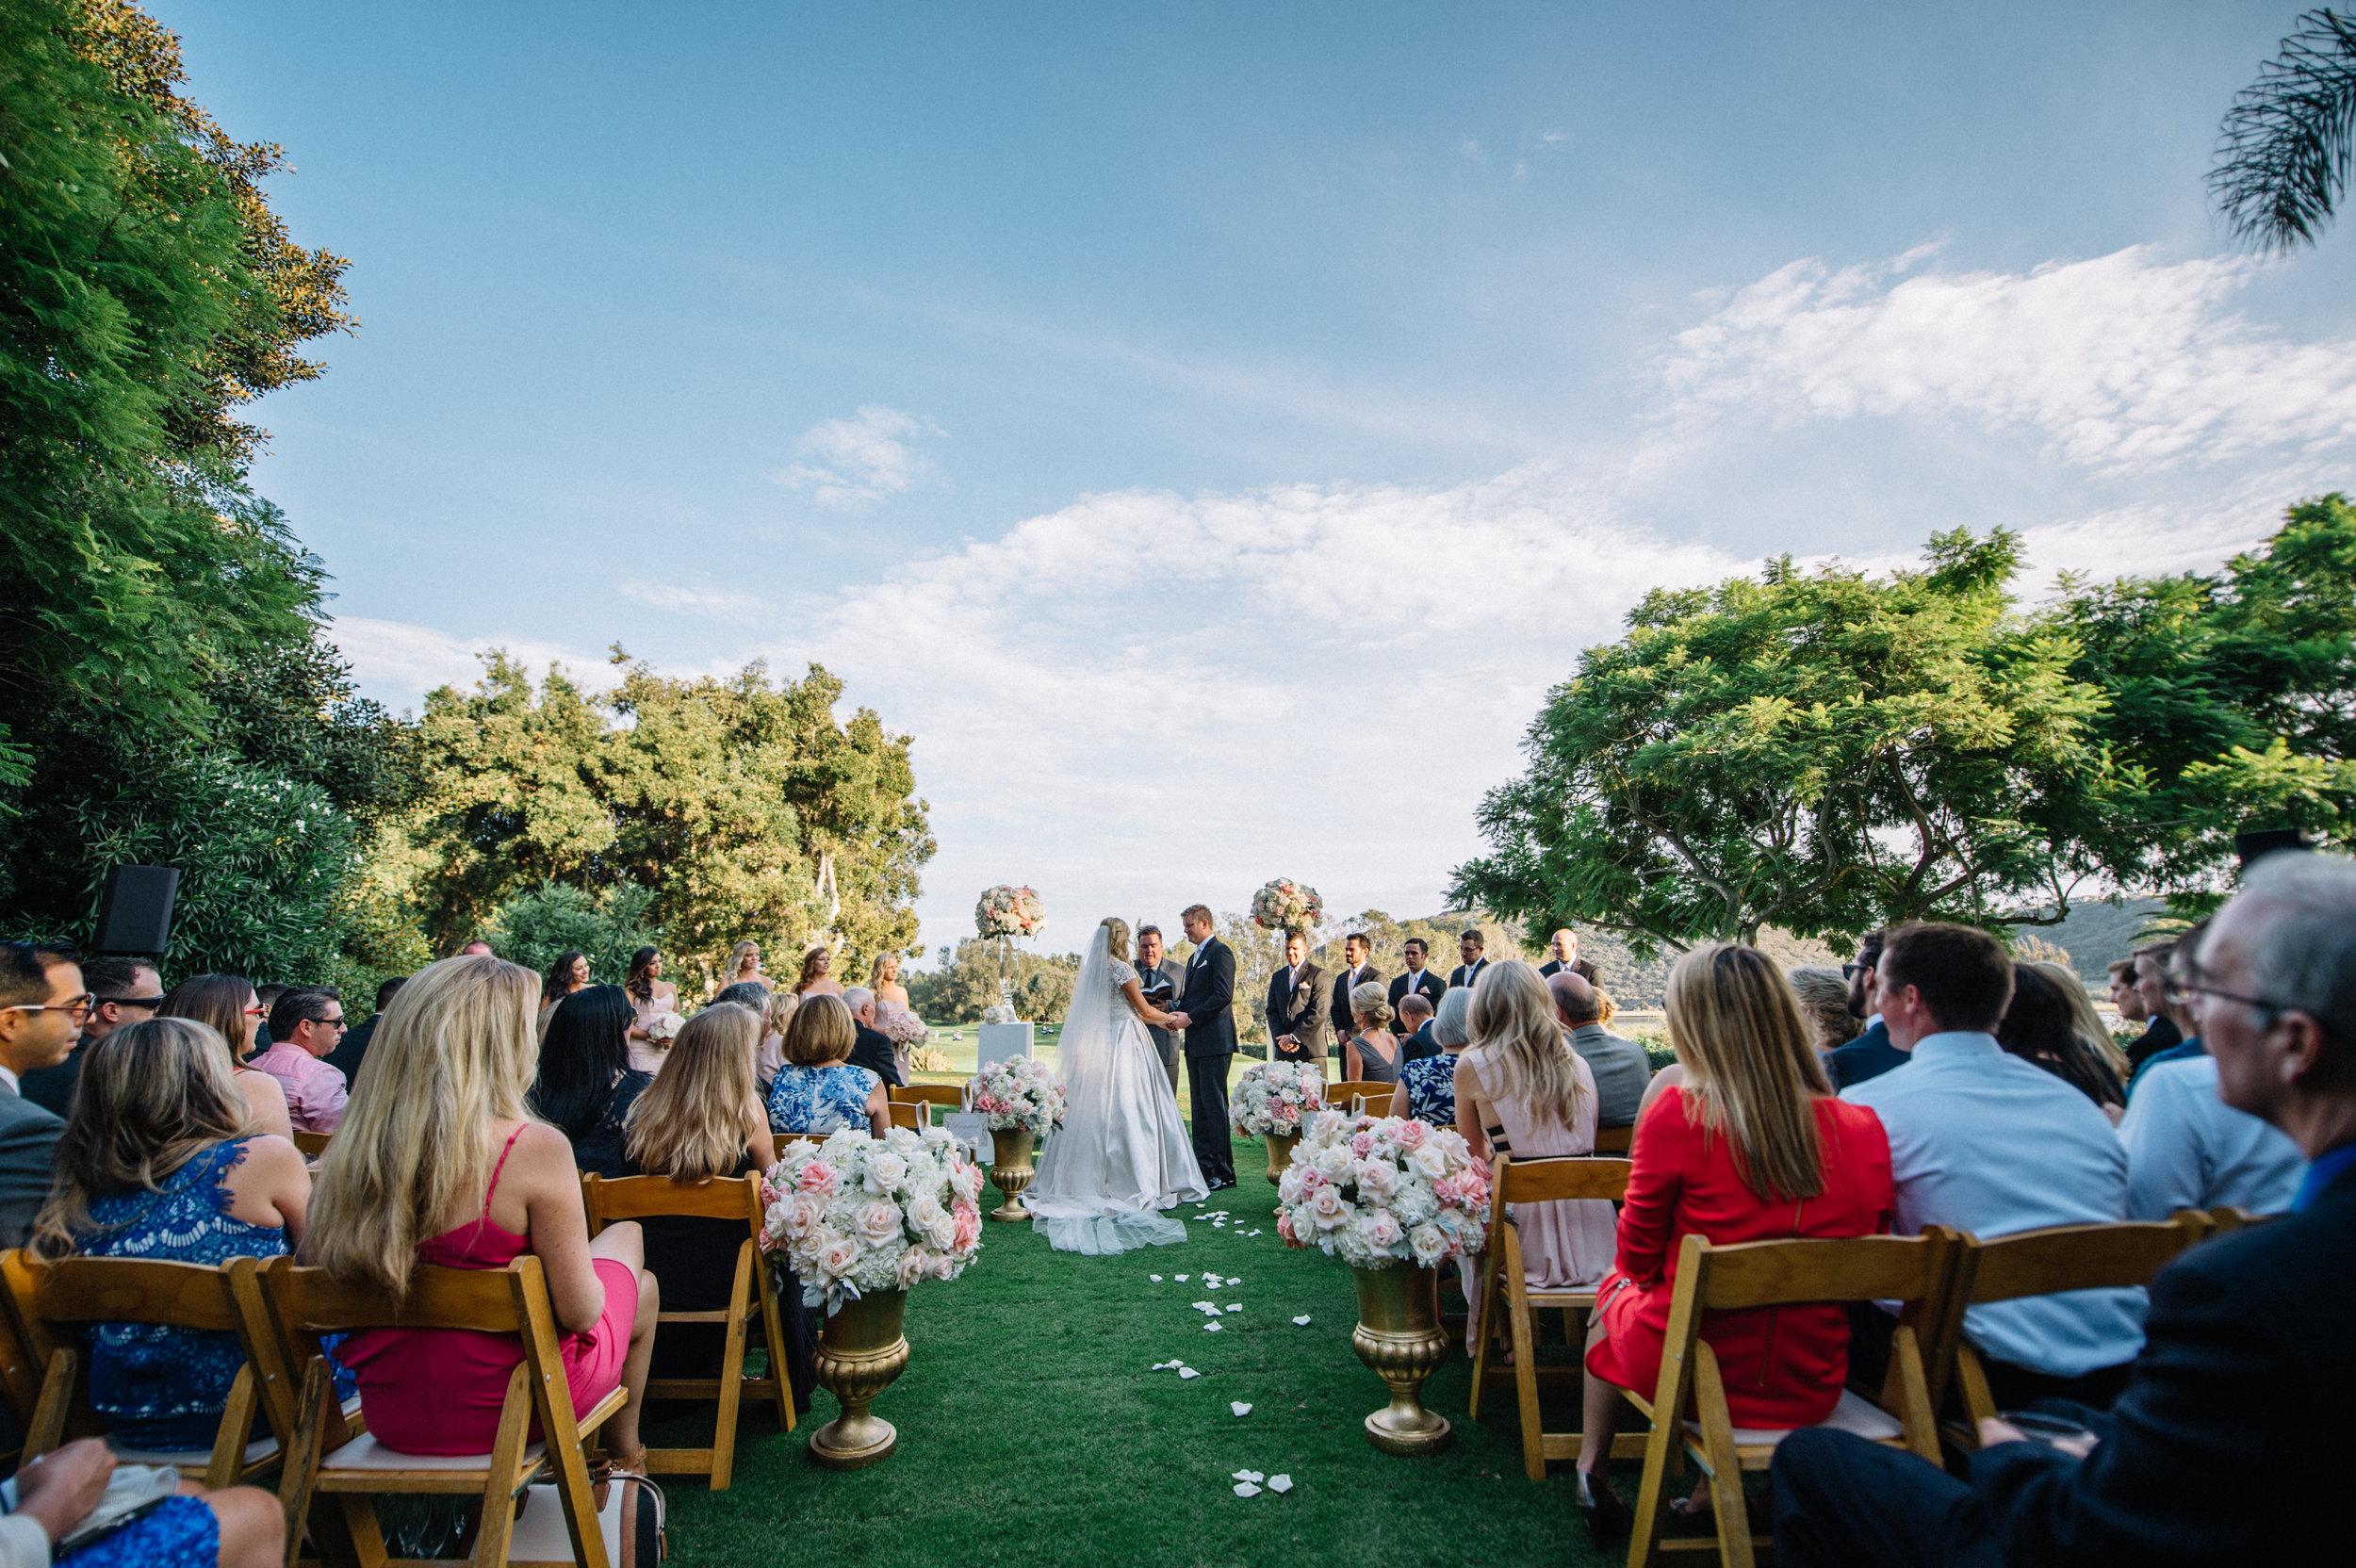 San Diego Wedding - Park Hyatt Aviara Resort, Carlsbad